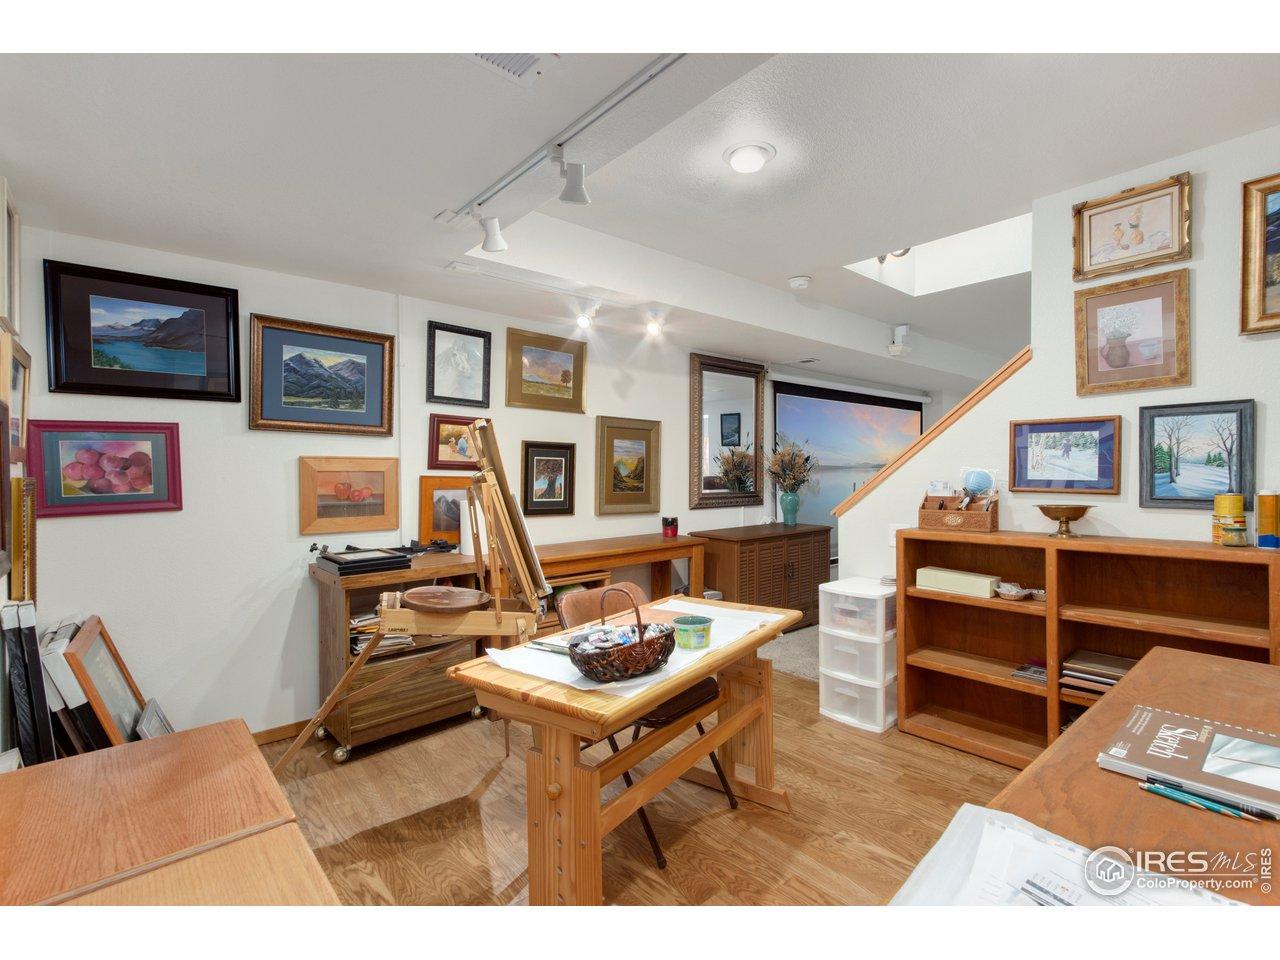 Flex/bonus/office or part of bedroom suite space in basement